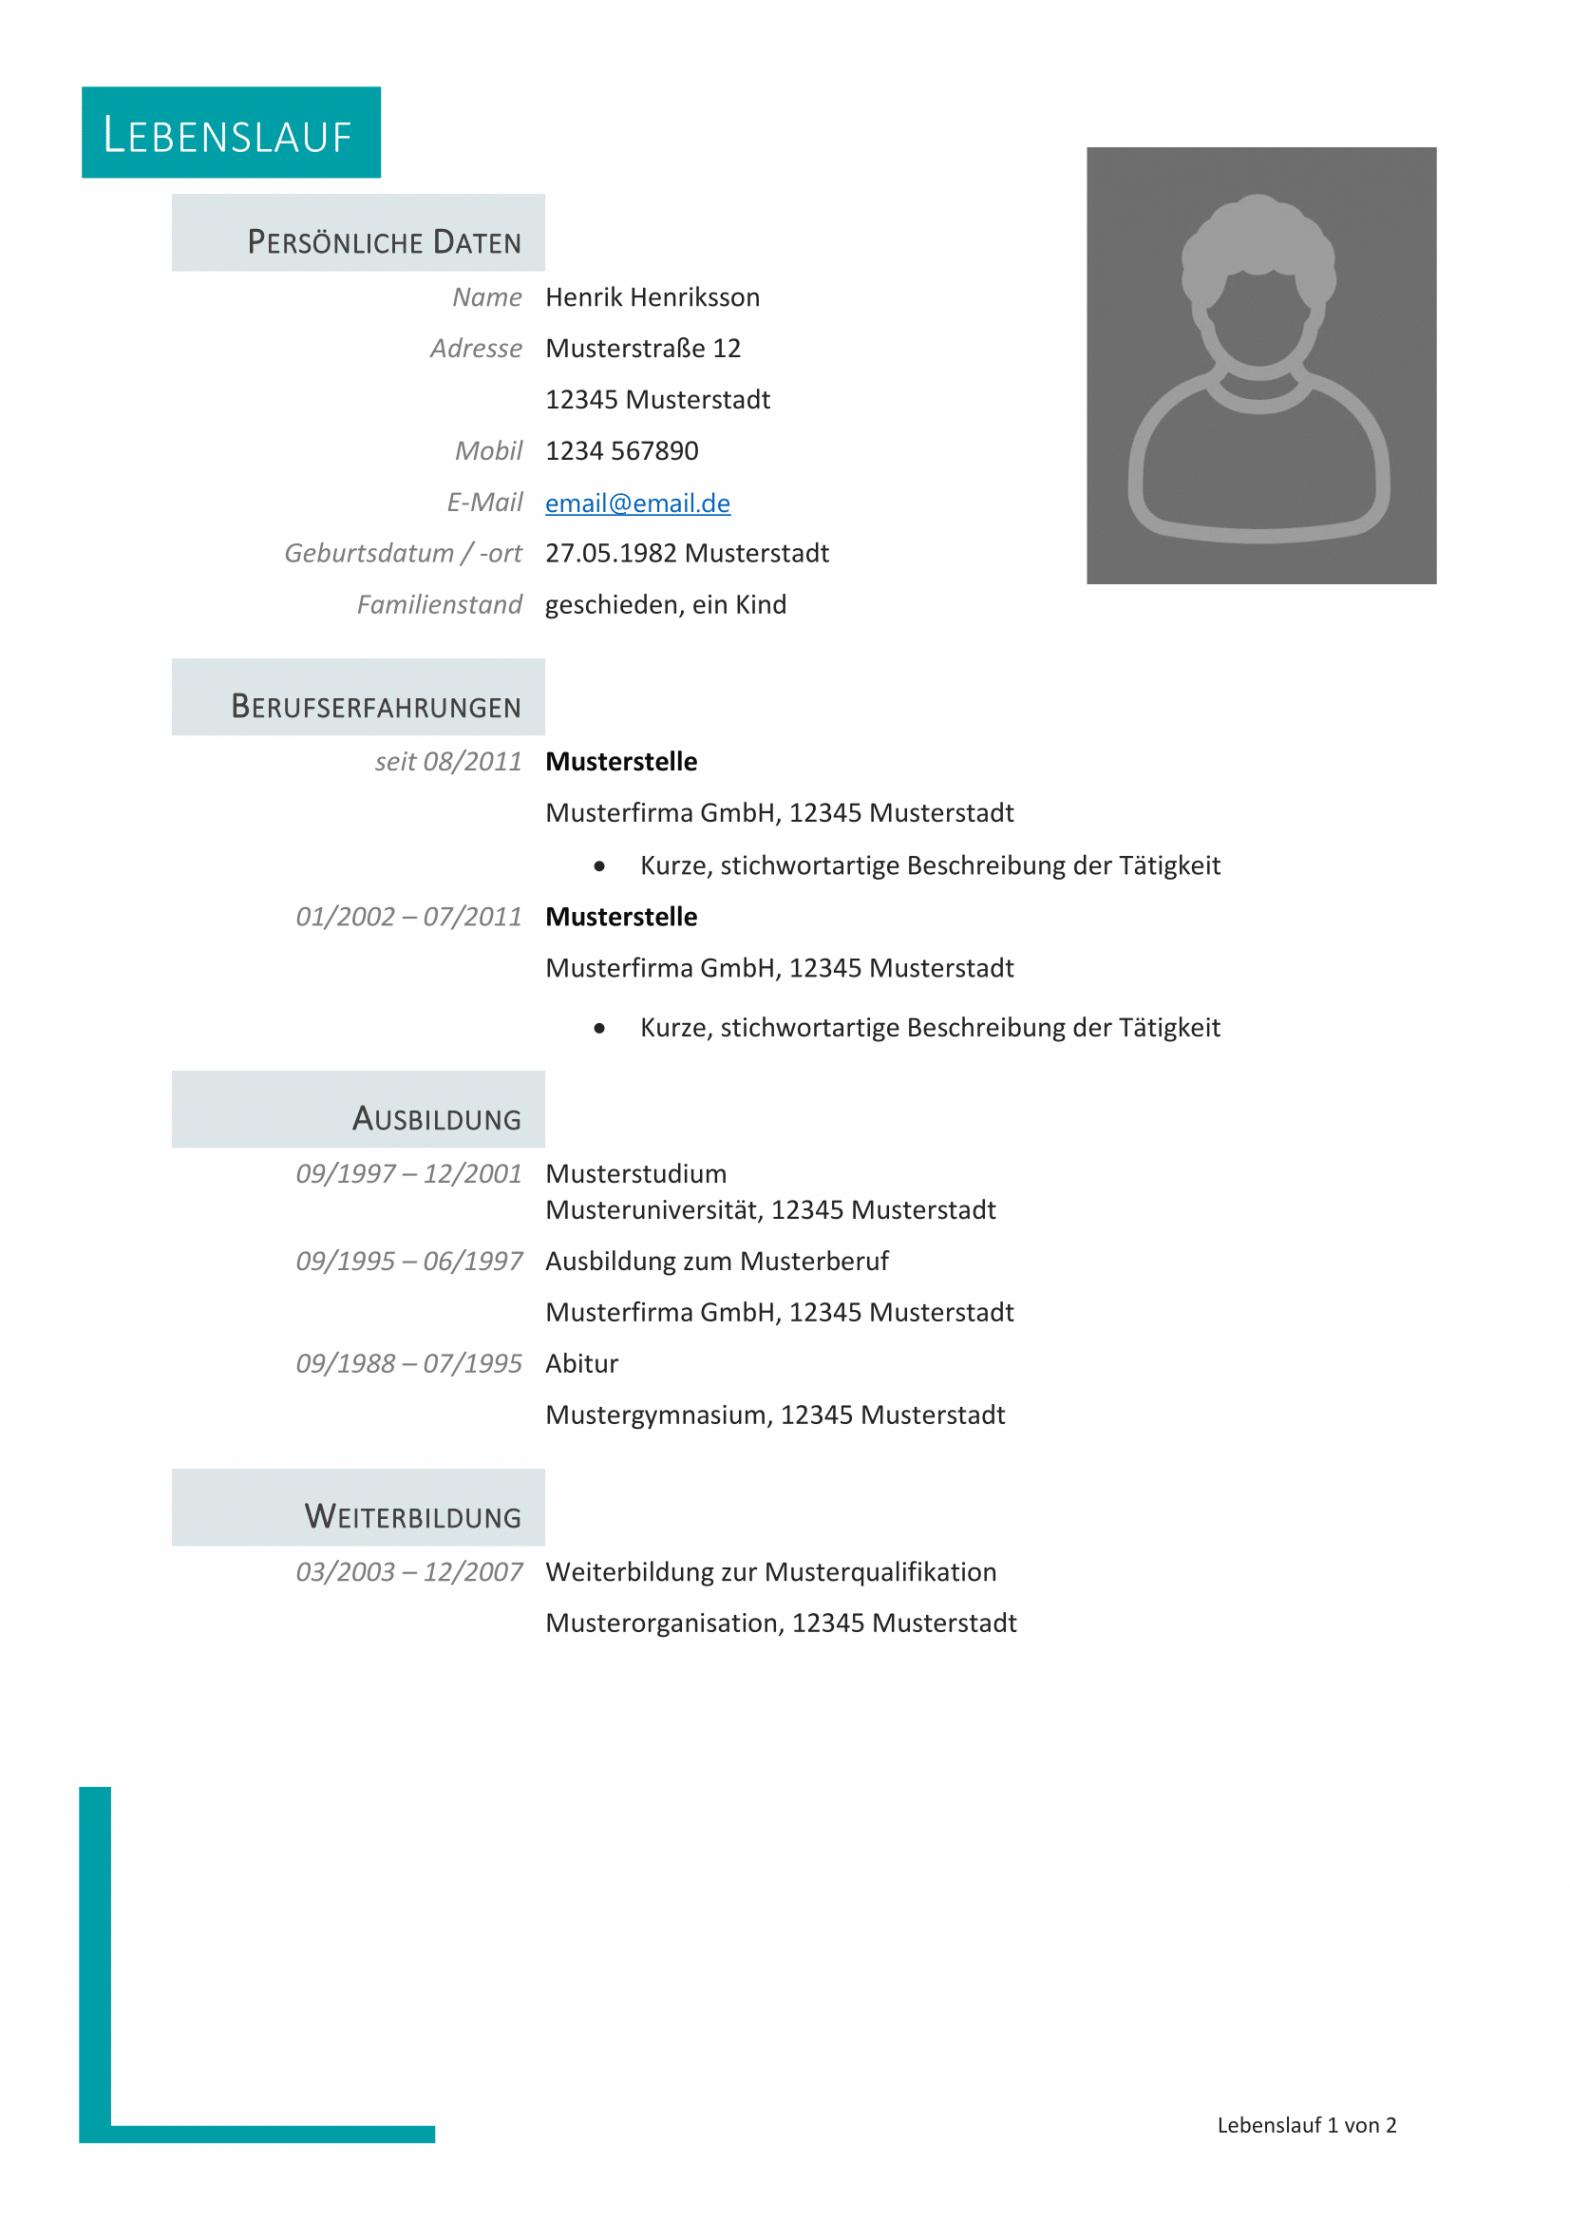 Eine Probe von Kostenlose Lebenslauf Muster Und Vorlagen Für Deine Bewerbung 2018 Muster Lebenslauf Mit Ausbildung